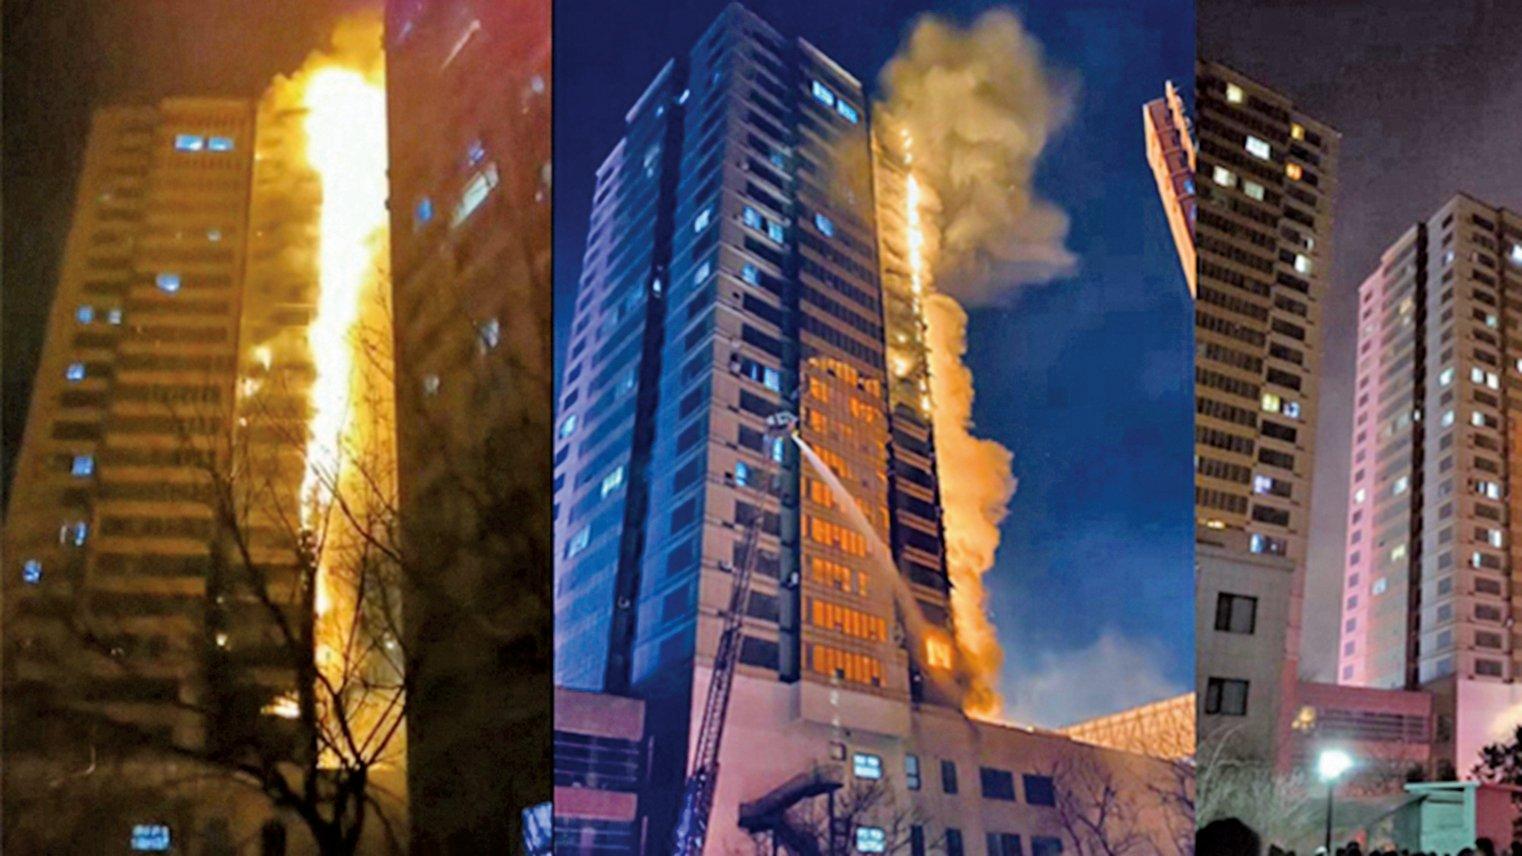 12月2日晚,瀋陽市渾南區SR國際新城住宅區發生大火,火光沖天。(網絡圖片)